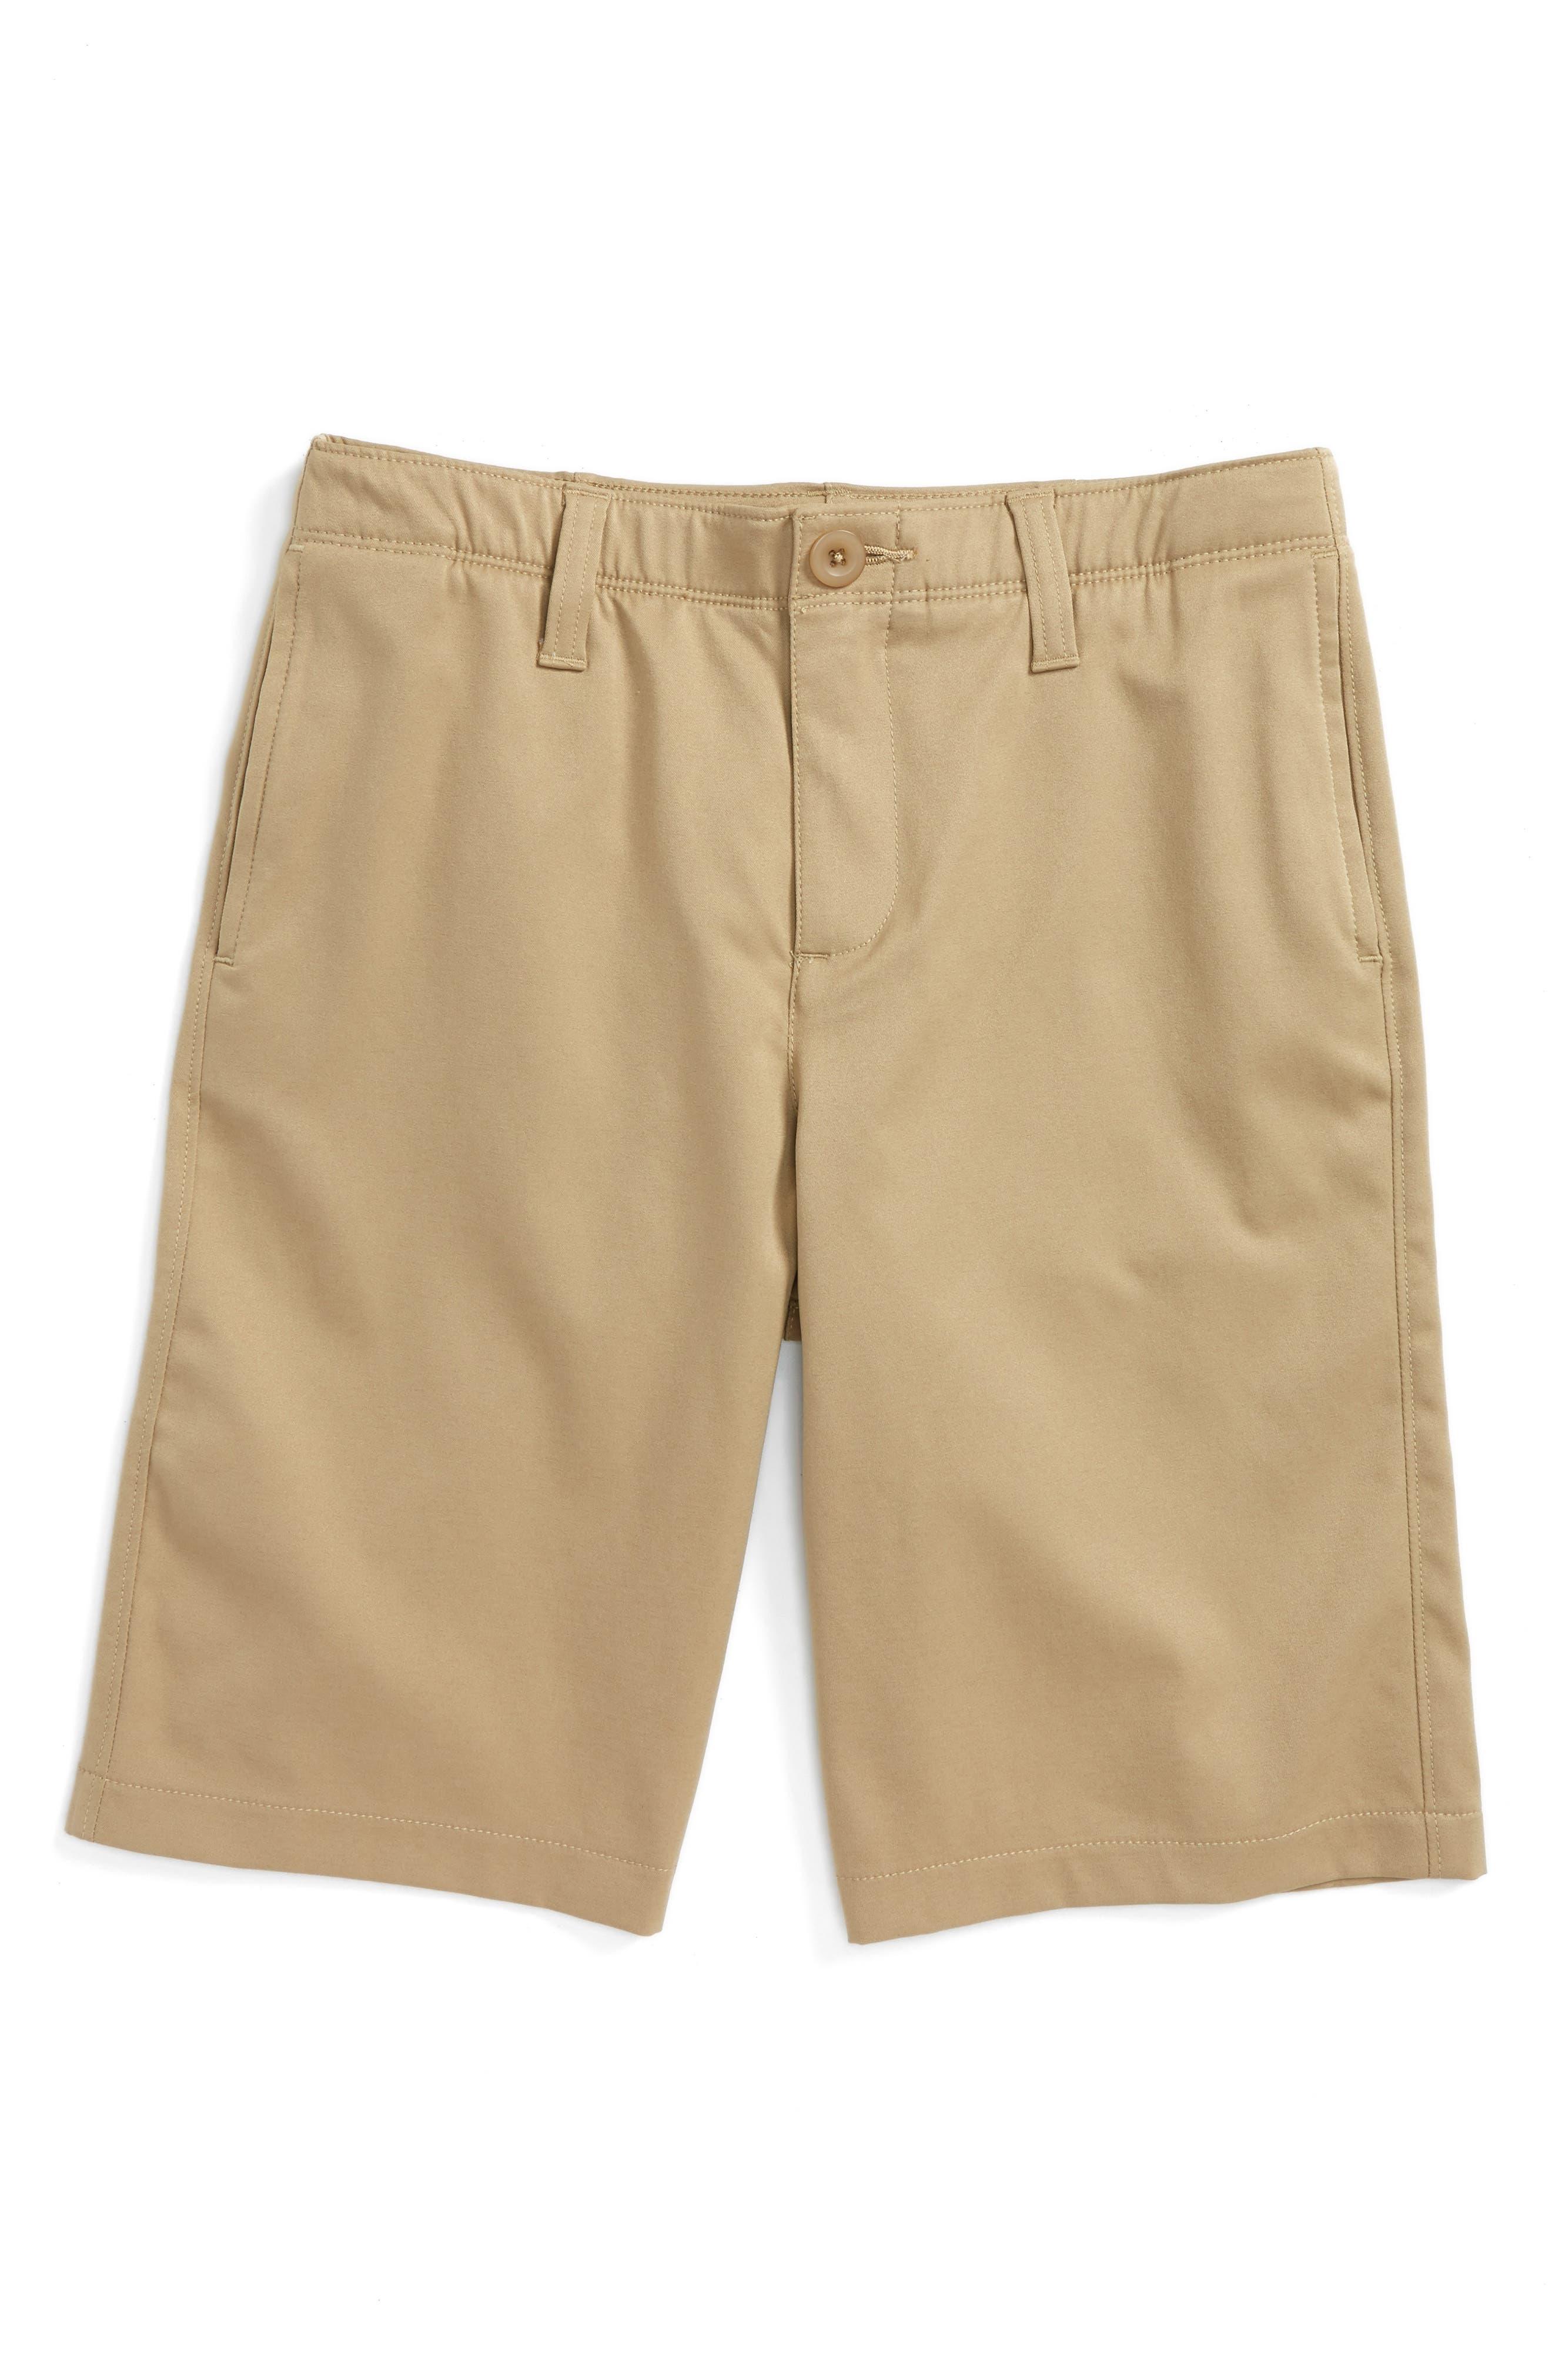 Match Play Shorts,                             Main thumbnail 1, color,                             Canvas